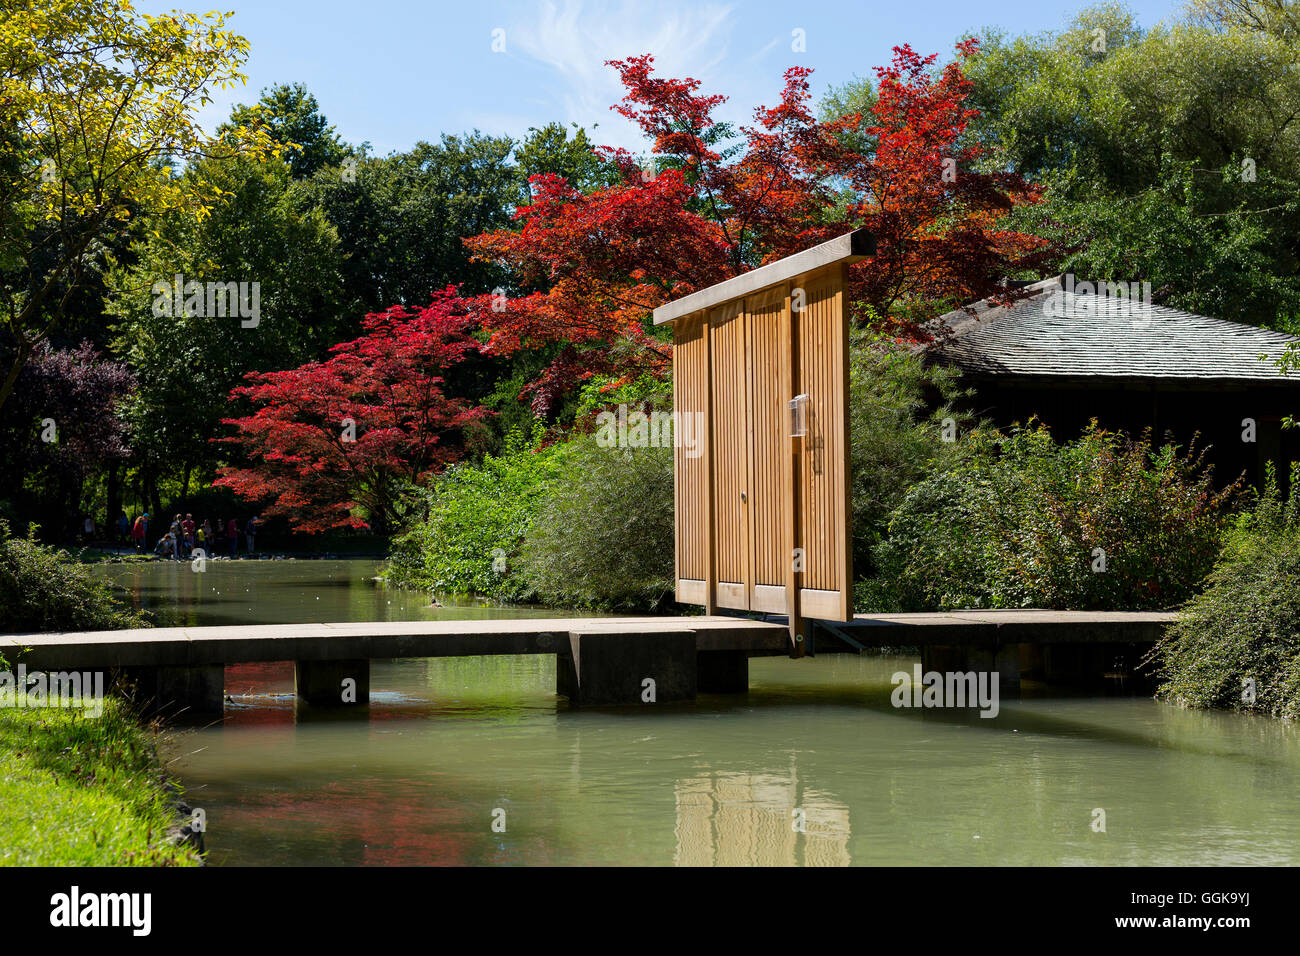 Japanisches Teehaus im englischen Garten, München, obere Bayern ...